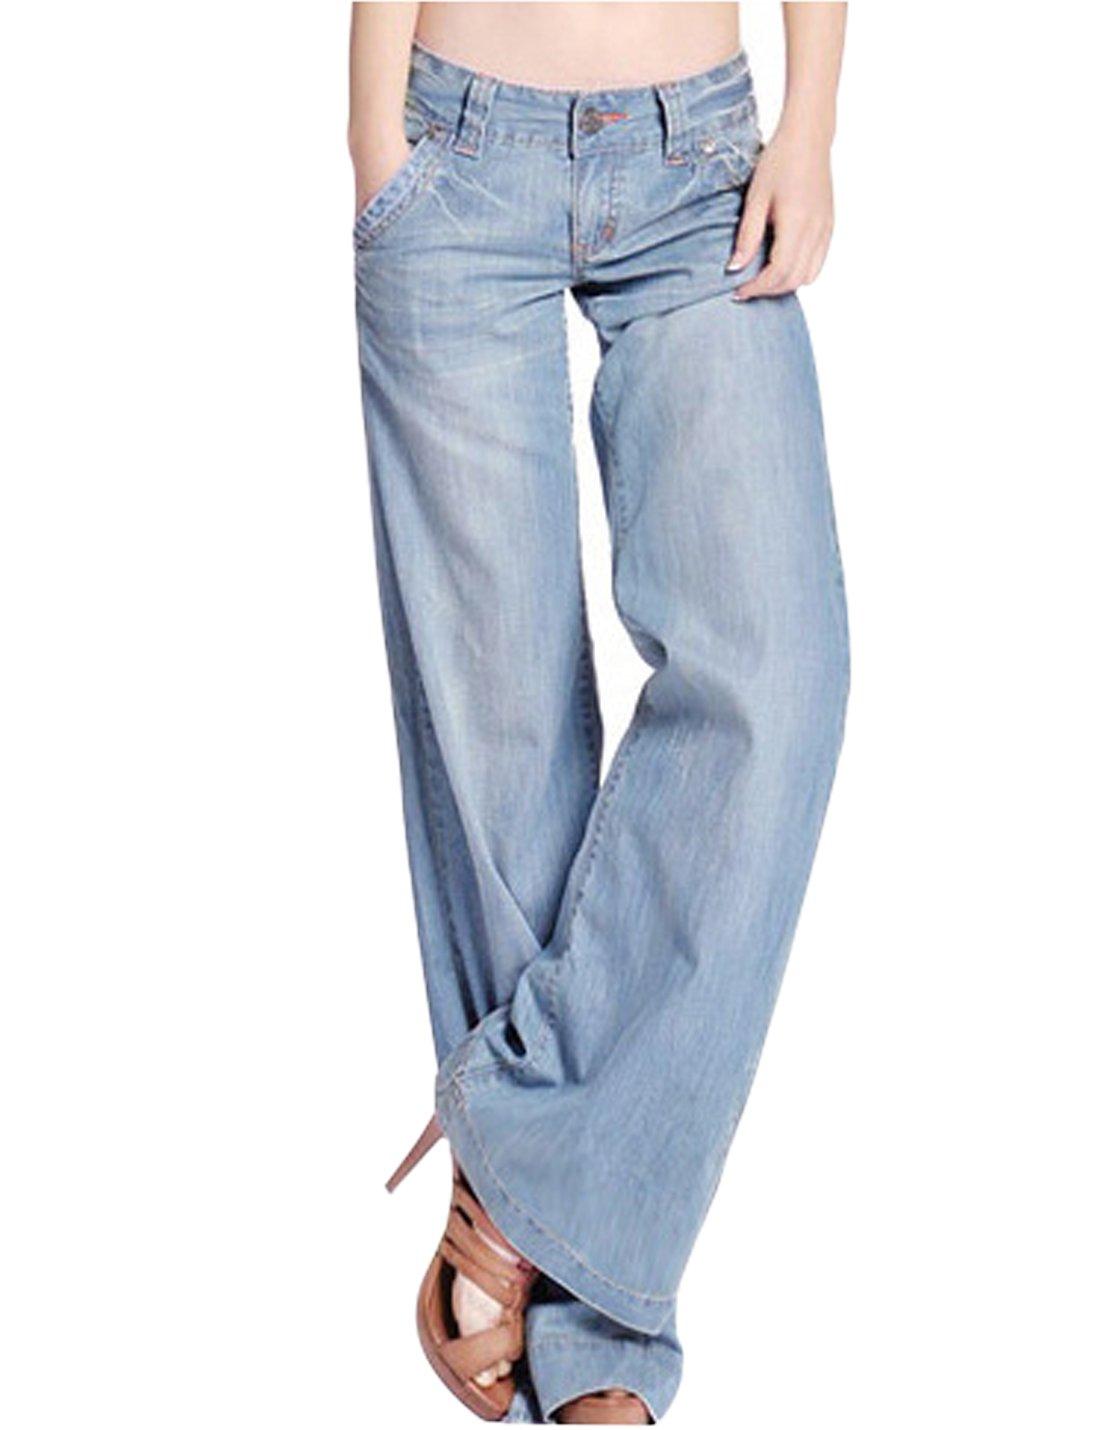 Yeokou Women's 70s Bell Bottom High Waist Wide Leg Loose Flare Jeans Denim Pants (Light Blue, 29)